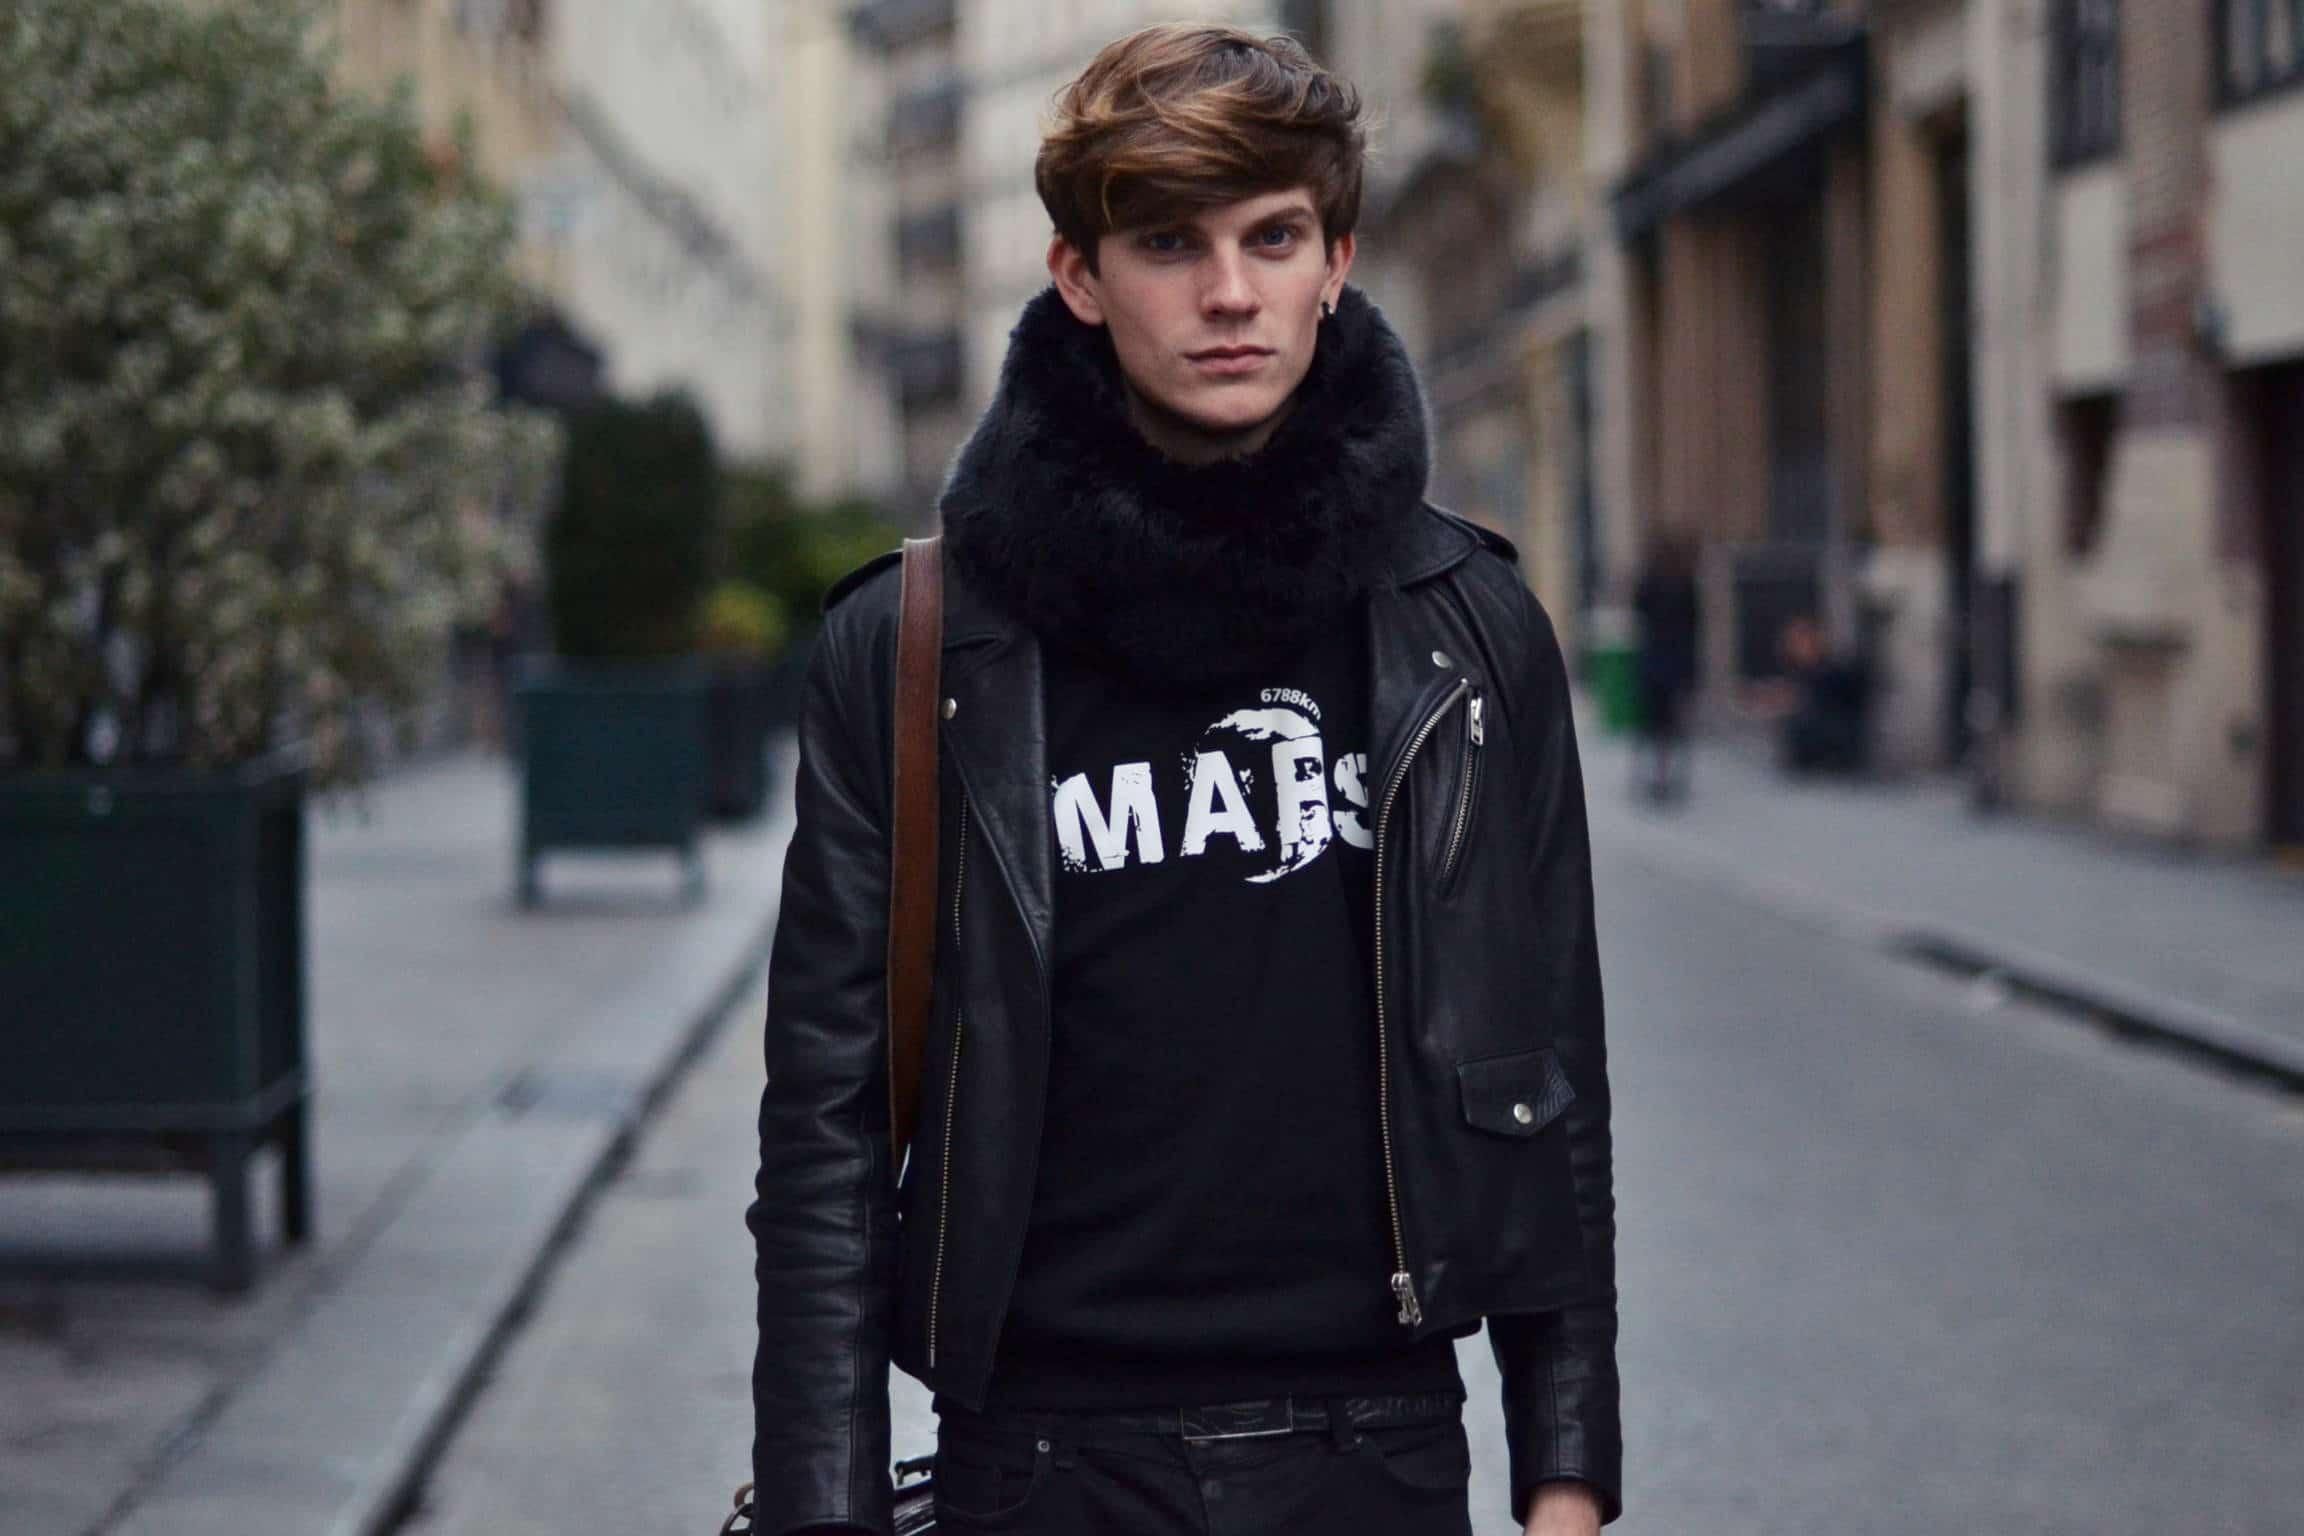 Echarpe homme rock - Idée pour s habiller 9077b866c82